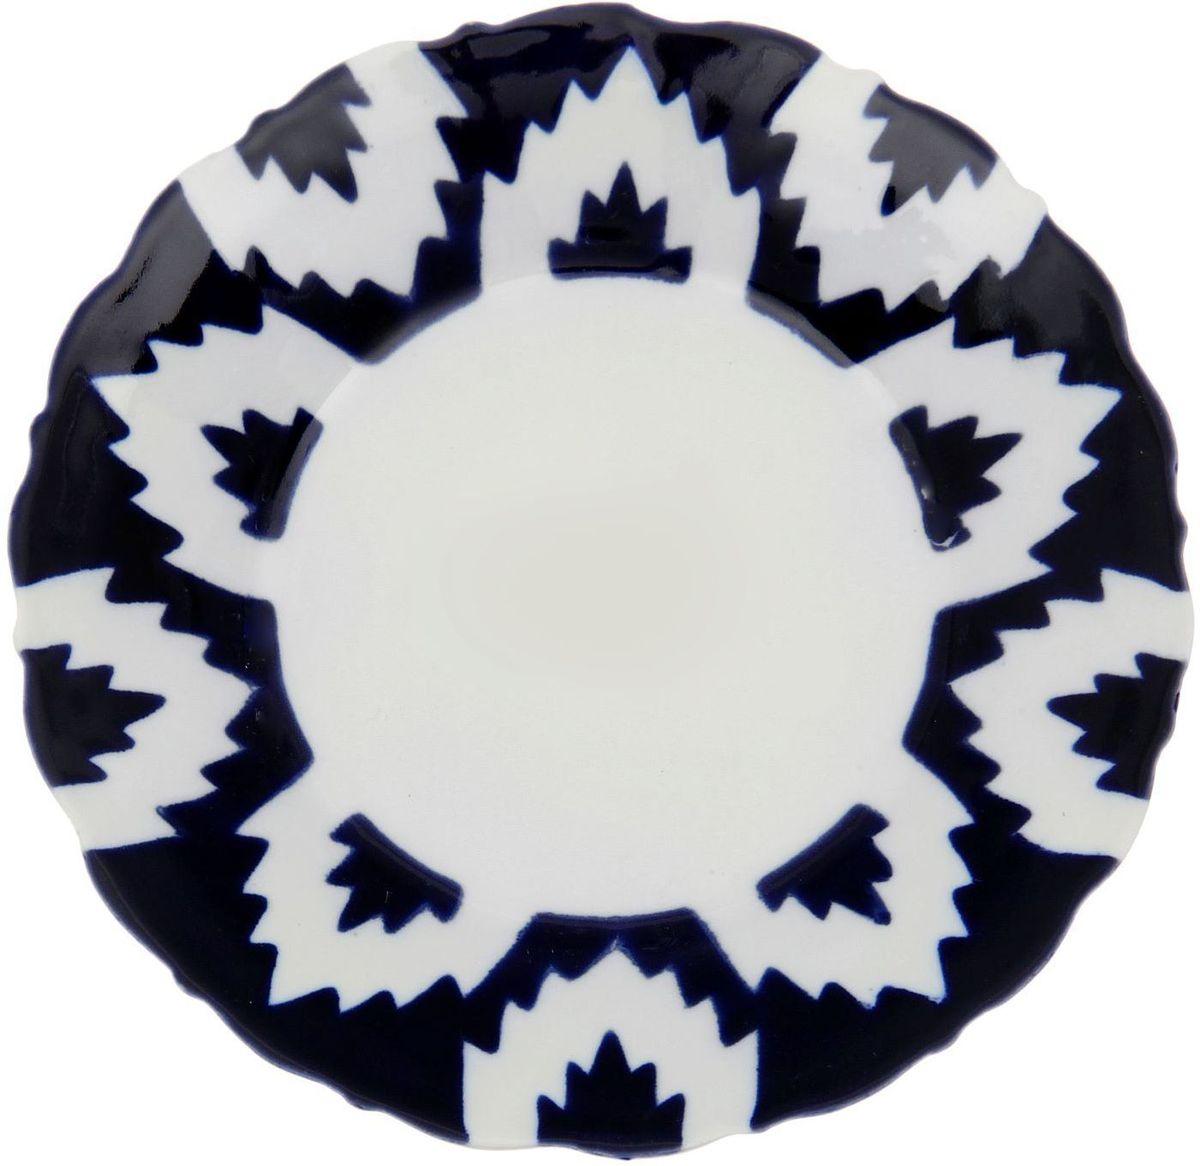 Тарелка Turon Porcelain Атлас, цвет: белый, синий, диаметр 16 см1625379Тарелка Turon Porcelain Атлас, выполненная из качественного фарфора, подойдет для повседневной и праздничной сервировки. Дополните стол текстилем и салфетками в тон, чтобы получить элегантное убранство с яркими акцентами. Национальная узбекская роспись Атлас имеет симметричный геометрический рисунок. Узоры, похожие на листья, выводятся тонкой кистью, фон заливается темно-синим кобальтом. Синий краситель при обжиге слегка растекается и придает контуру изображений голубой оттенок. Густая глазурь наносится толстым слоем, благодаря чему рисунок мерцает. Узбекская посуда известна всему миру уже более тысячи лет. Ей любовались царские особы, на ней подавали еду для шейхов и знатных персон. Формулы красок и глазури передаются из поколения в поколение. По сей день качественные расписные изделия продолжают восхищать совершенством и завораживающей красотой.